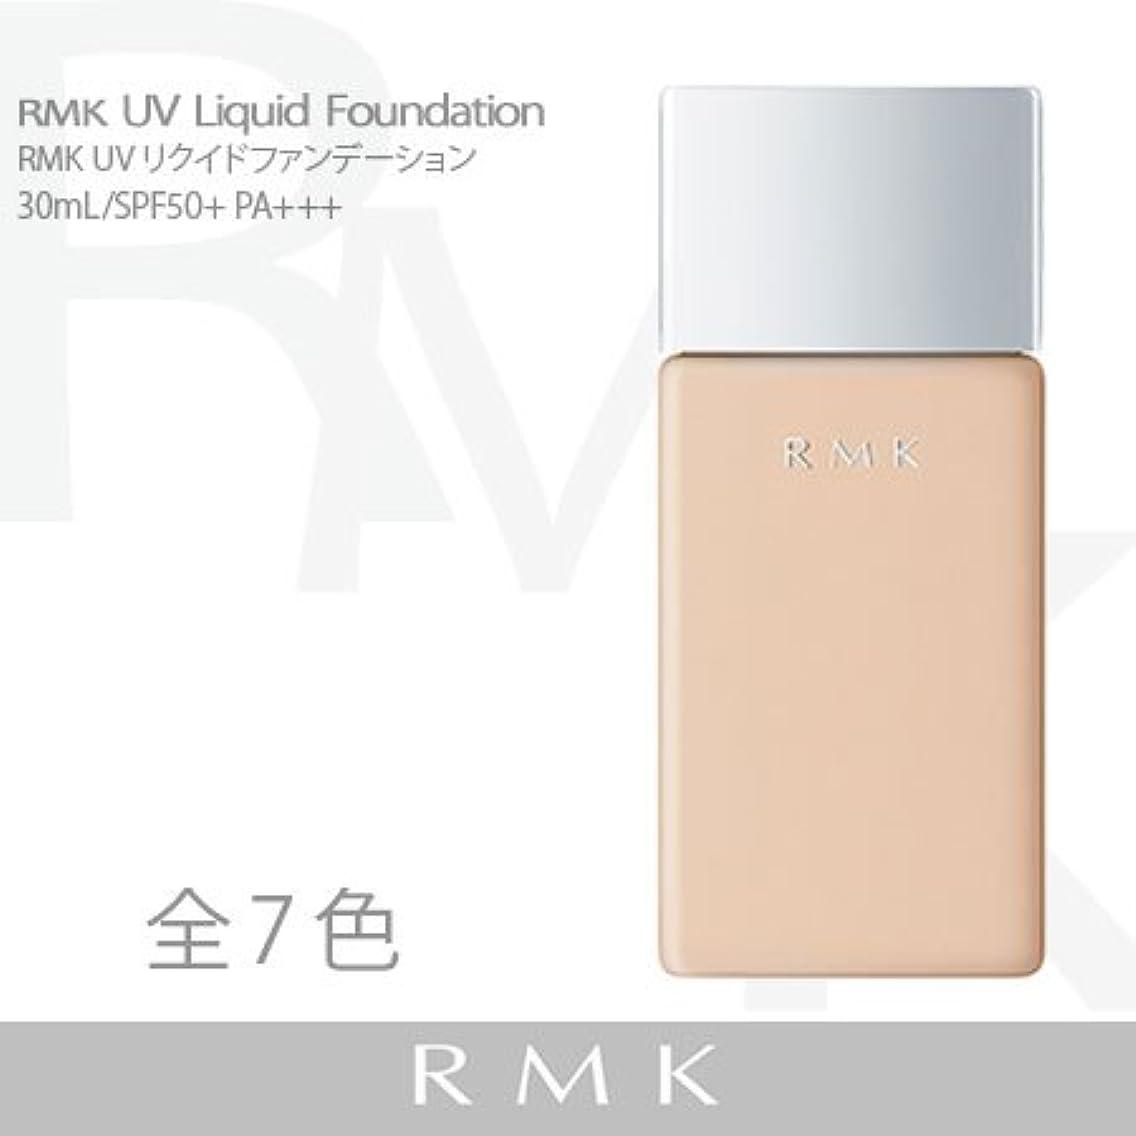 高める可聴テクニカル【RMK (ルミコ)】UVリクイドファンデーション #202 30ml